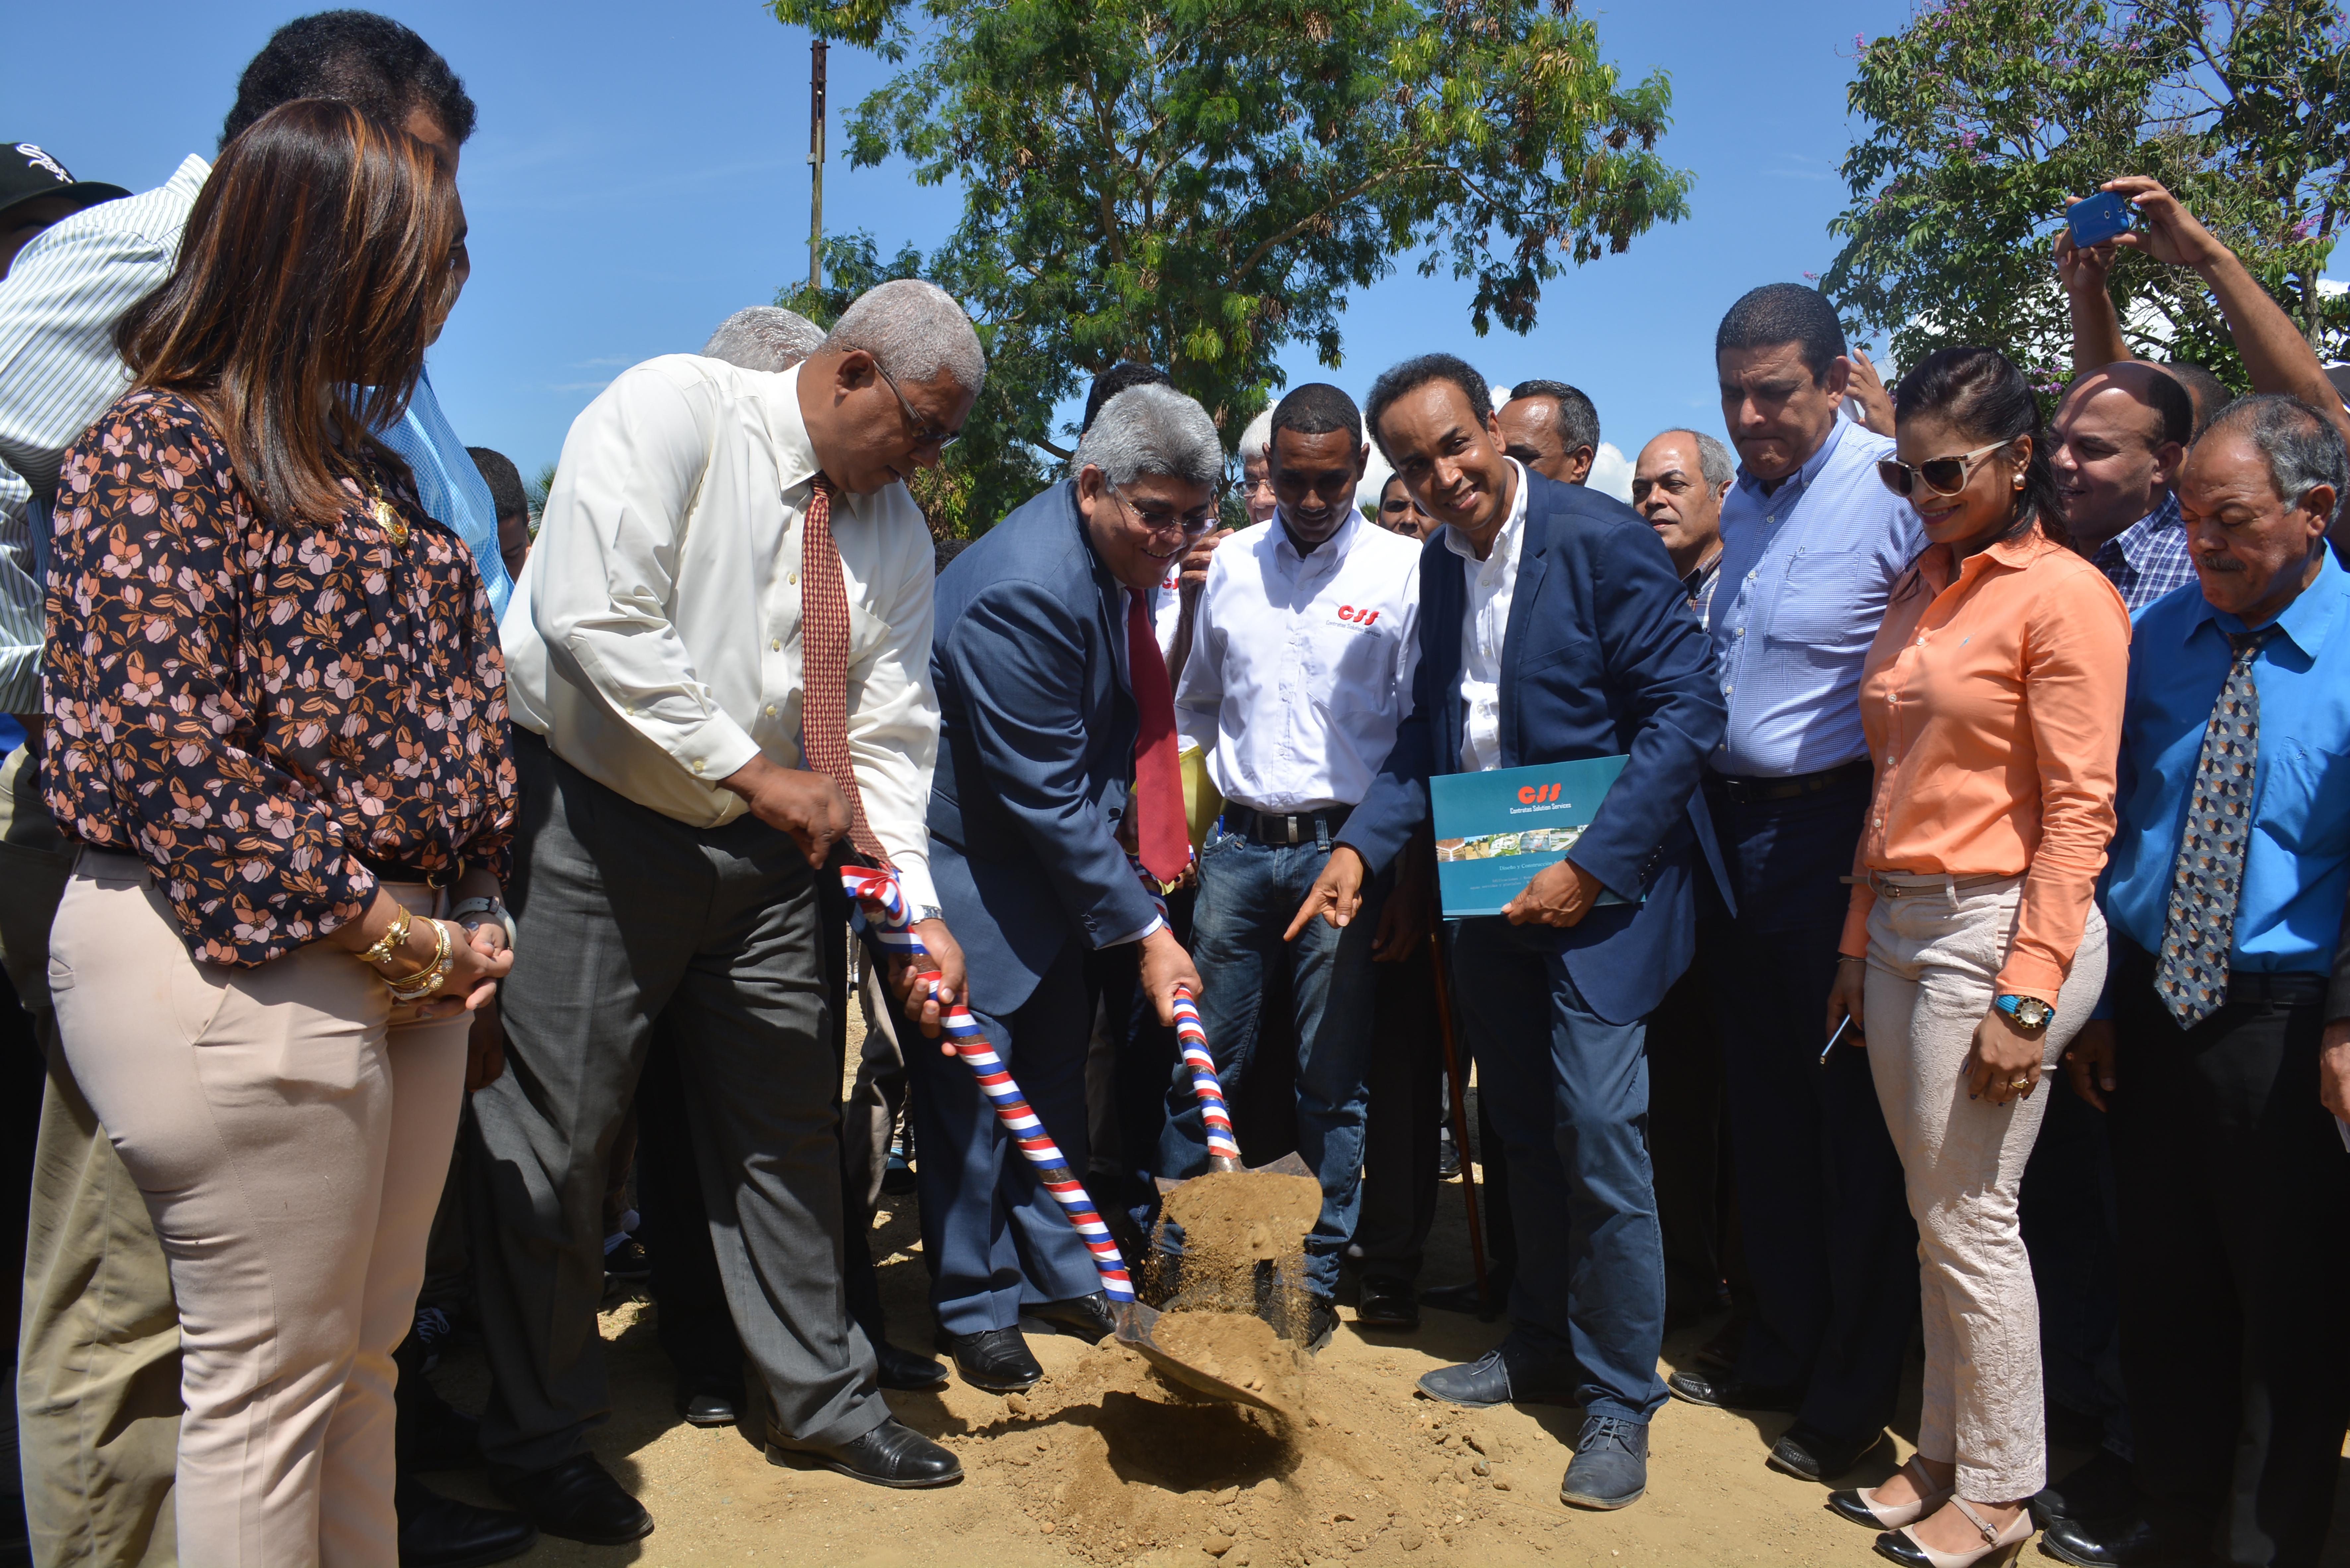 FONPER inicia construcción de Complejo Deportivo en Sabaneta de Las palomas 2